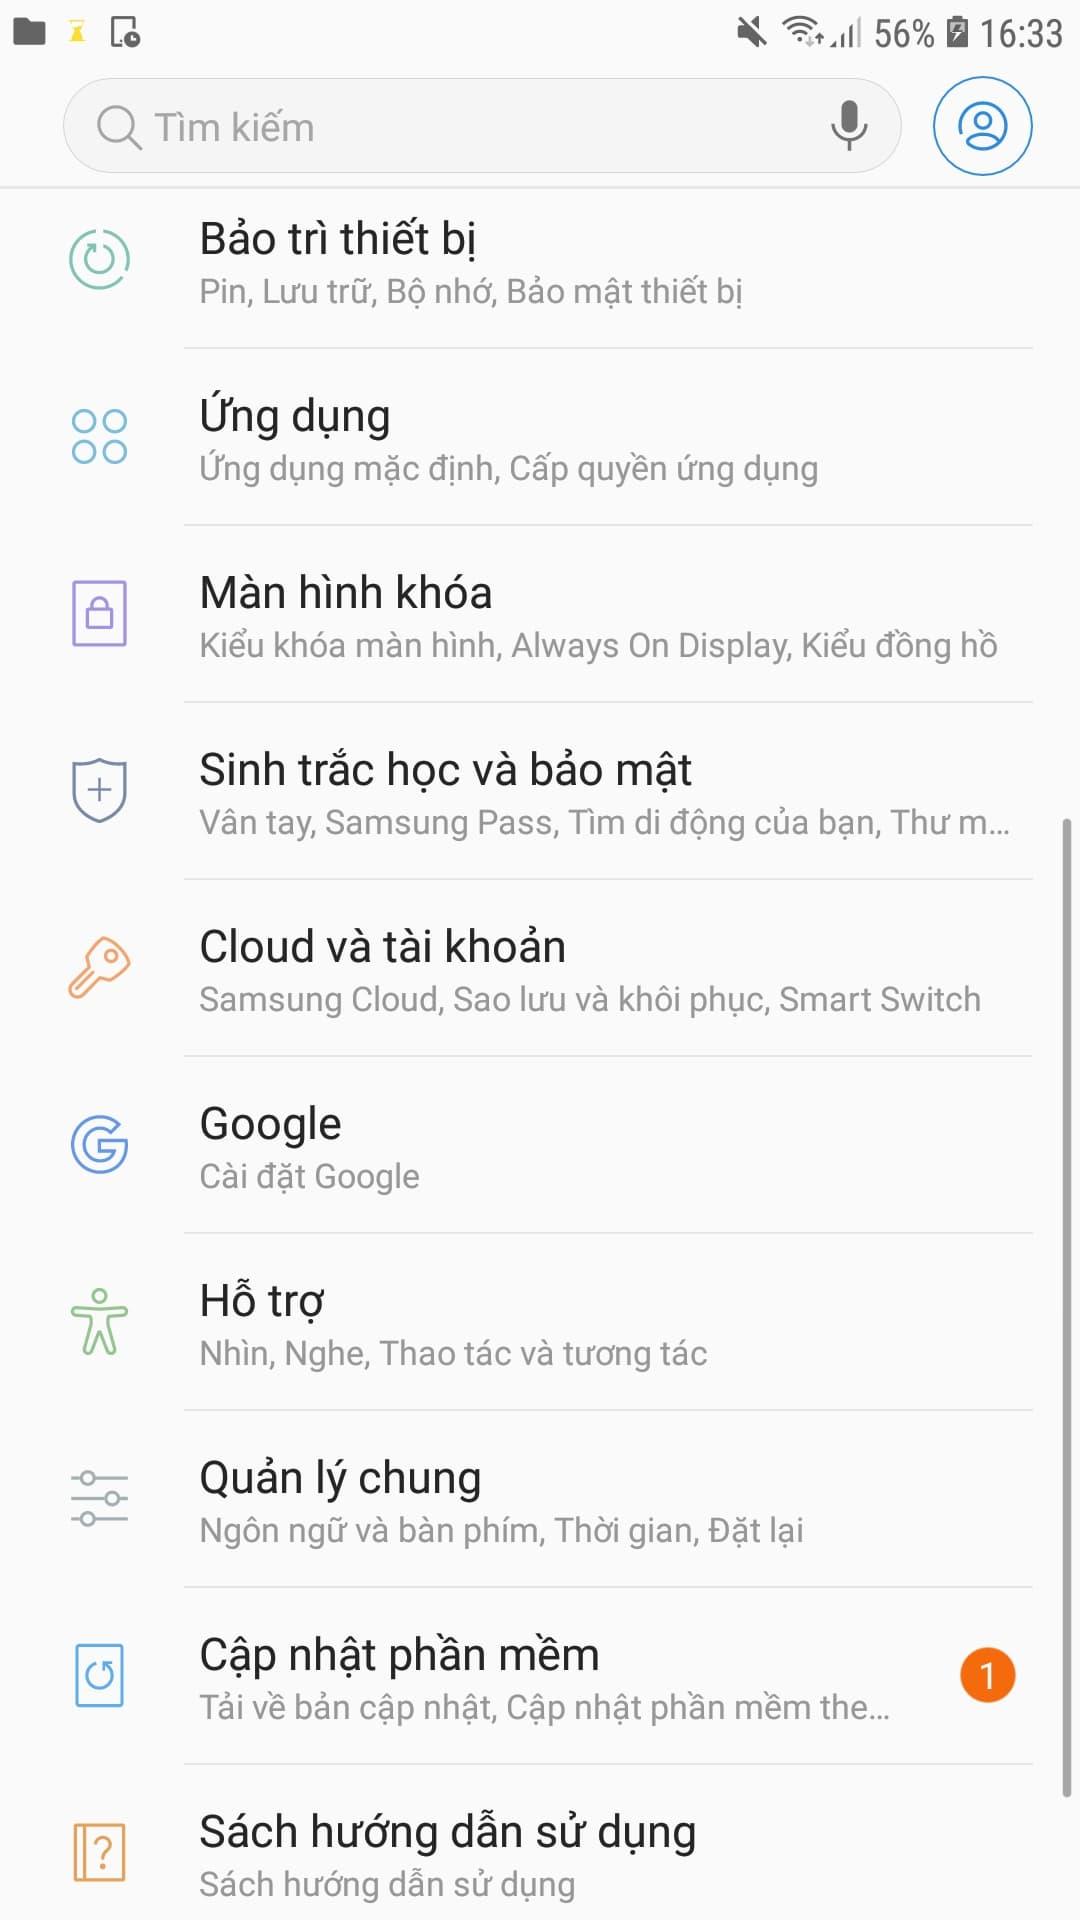 Cách reset Android khôi phục điện thoại như lúc mới mua 11